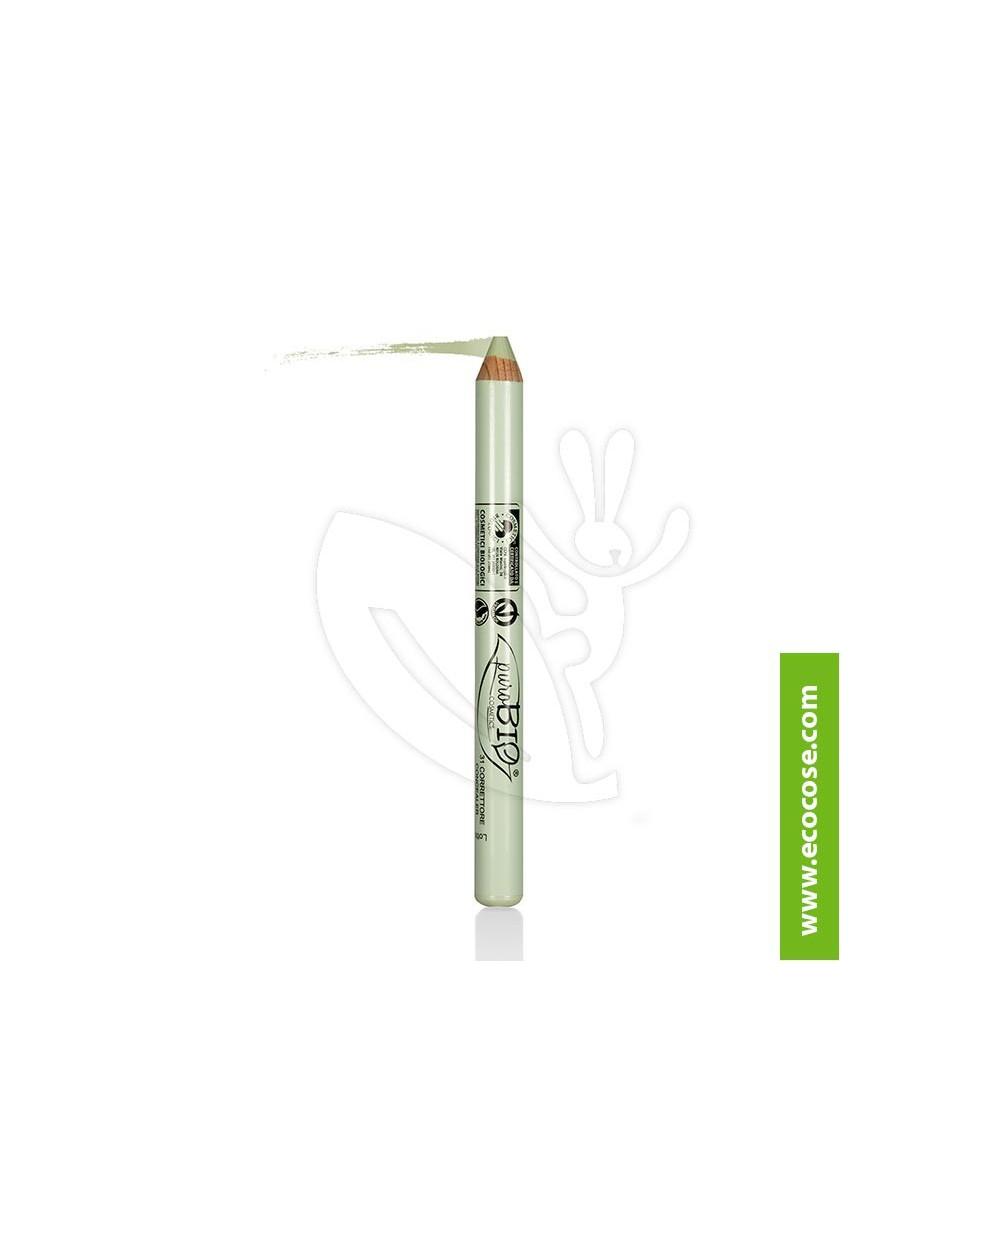 PuroBIO Cosmetics - Matitone Correttore Correttivo 31 Verde